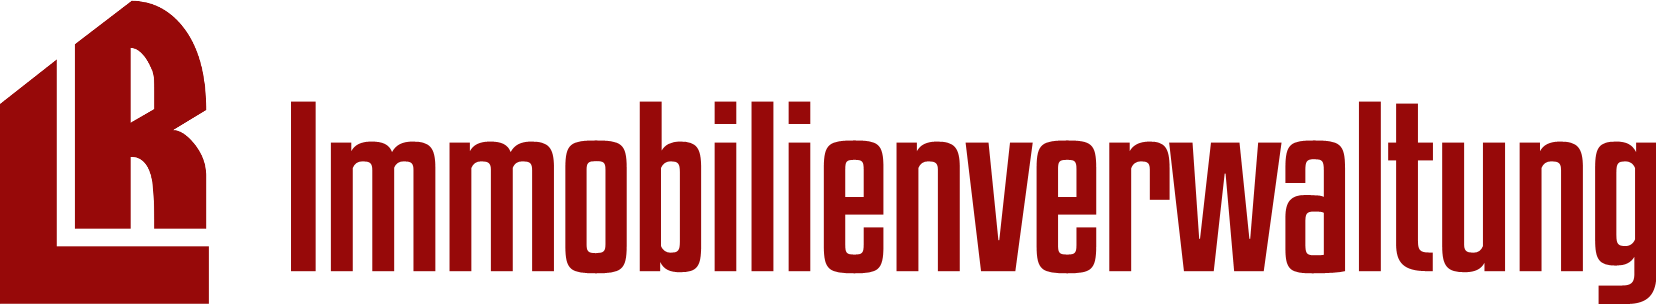 LR Immobilienverwaltung GmbH & Co. KG